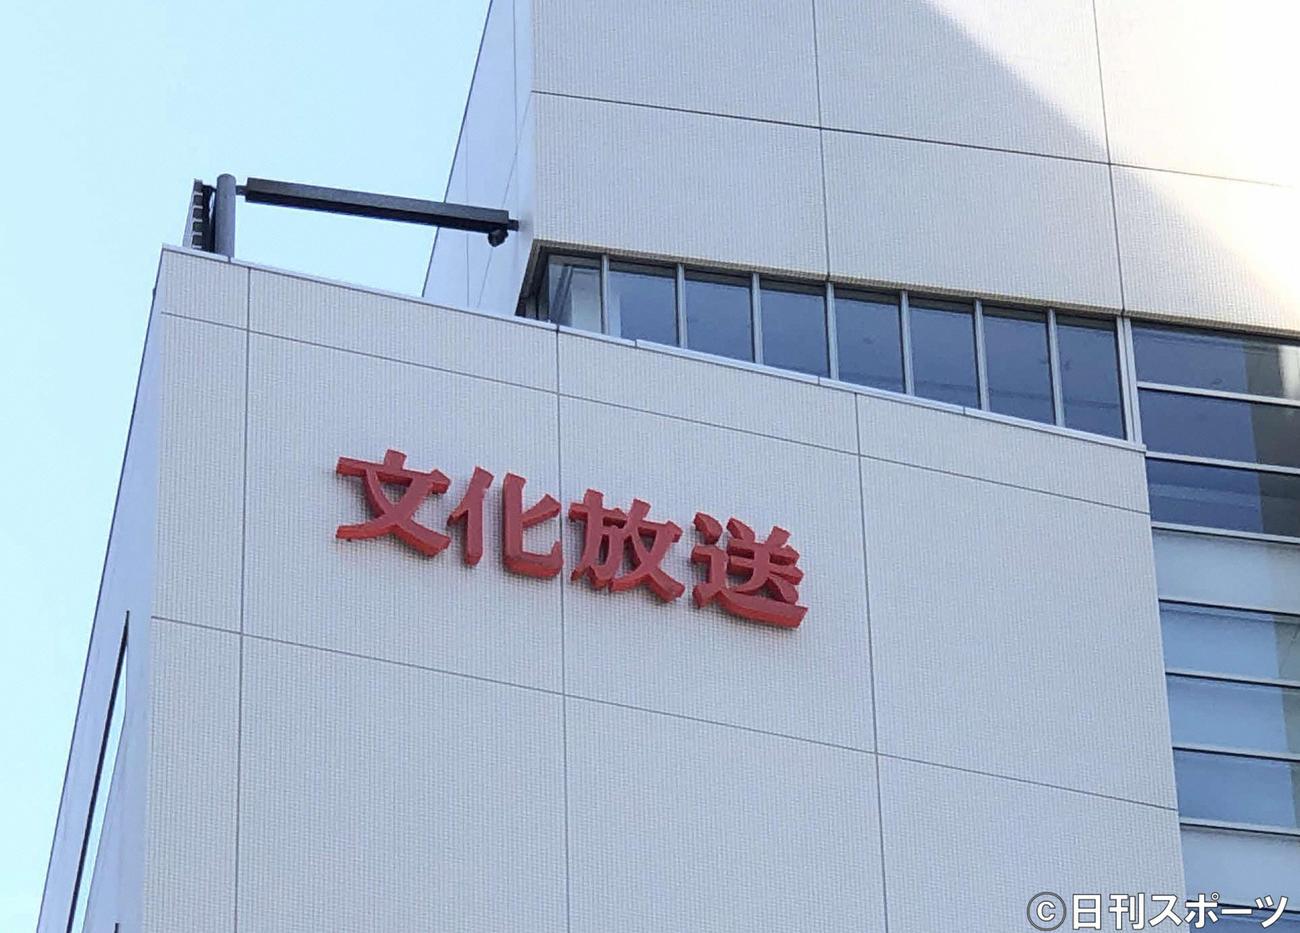 東京・港区の文化放送